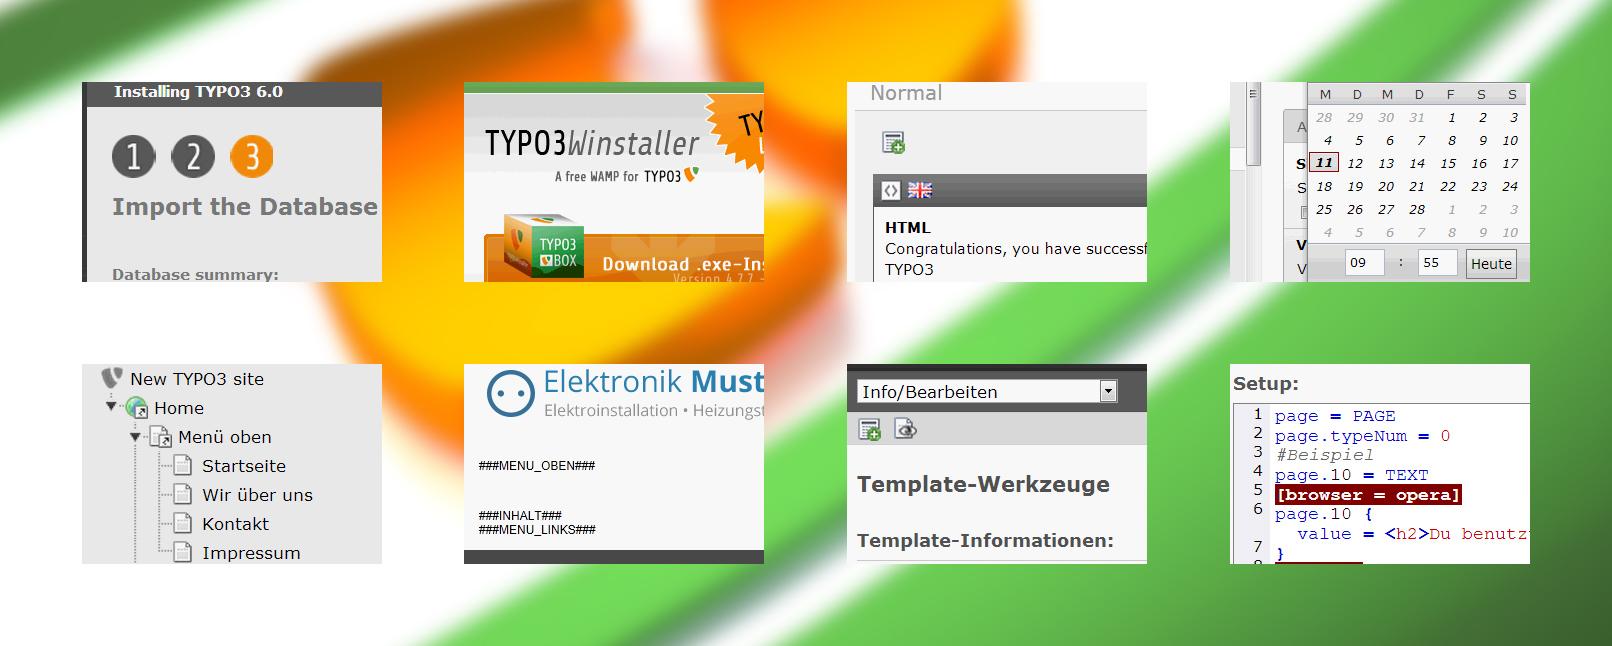 Auszüge aus dem Tutorial und der Anleitung (deutsch) zu TYPO3 lernen